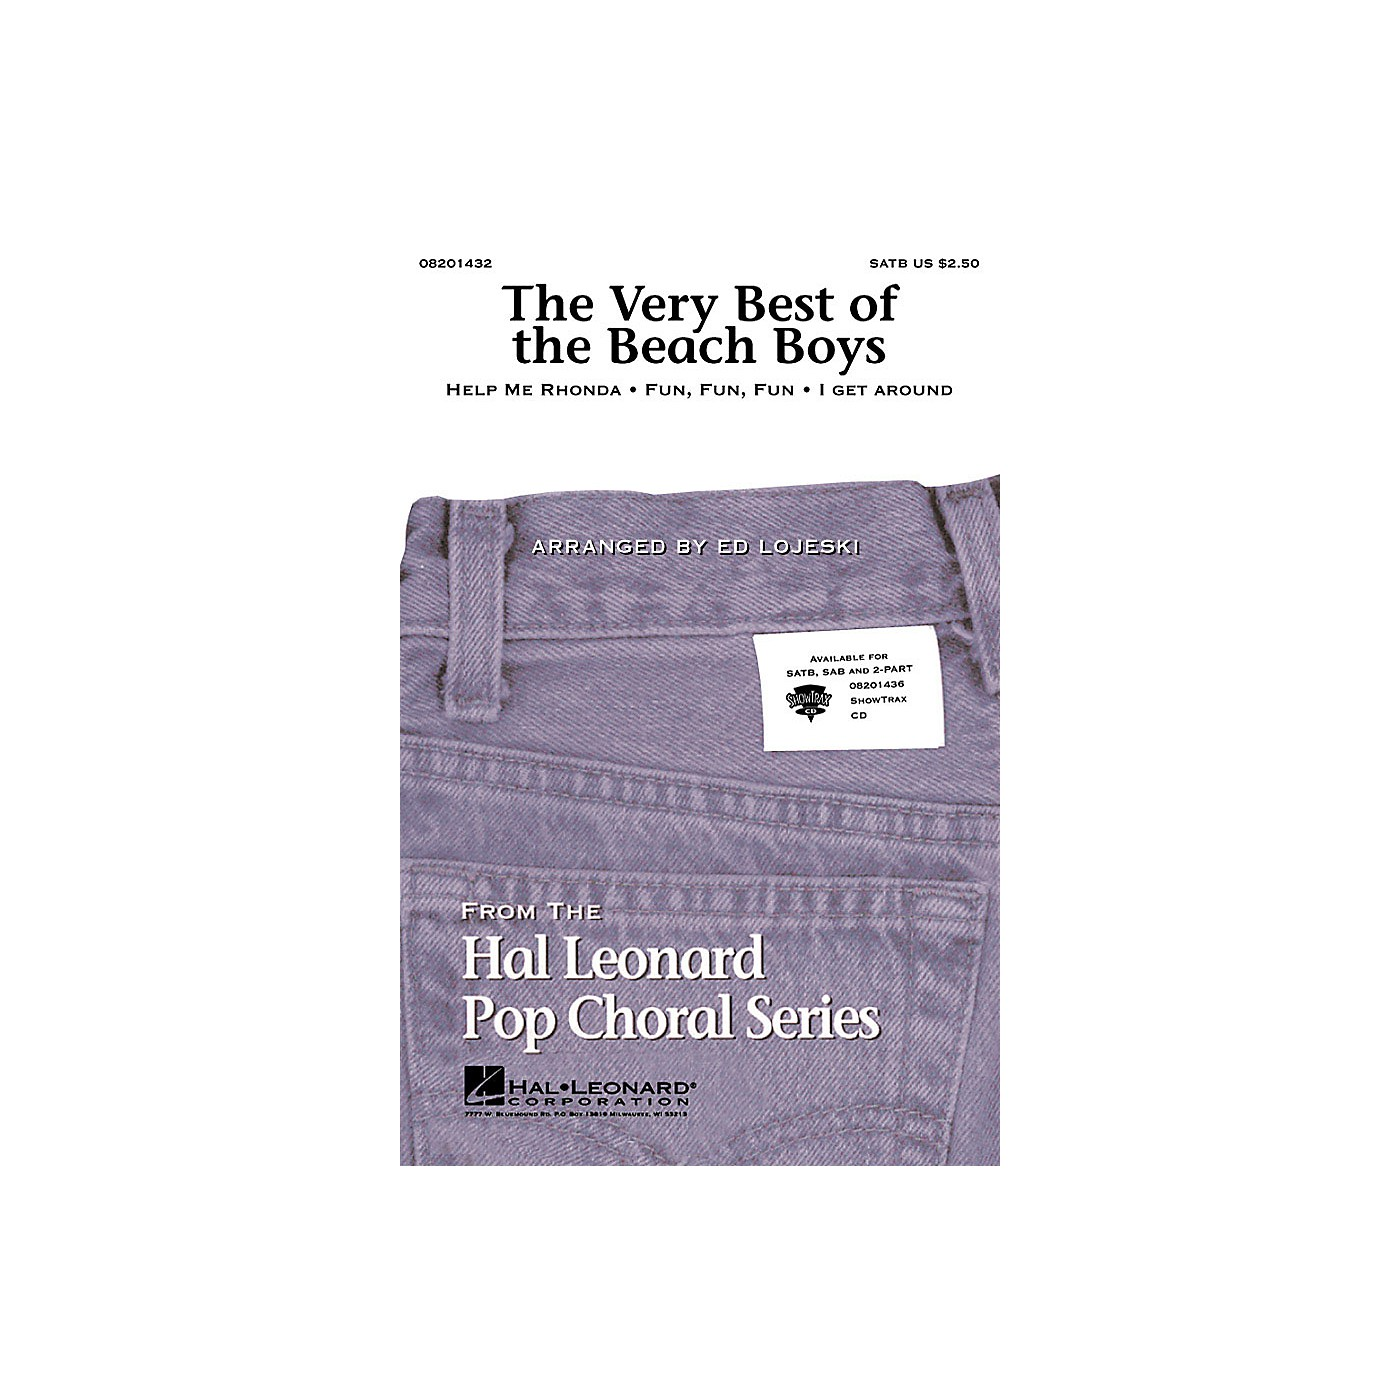 Hal Leonard The Very Best of the Beach Boys (Medley) ShowTrax CD by The Beach Boys Arranged by Ed Lojeski thumbnail